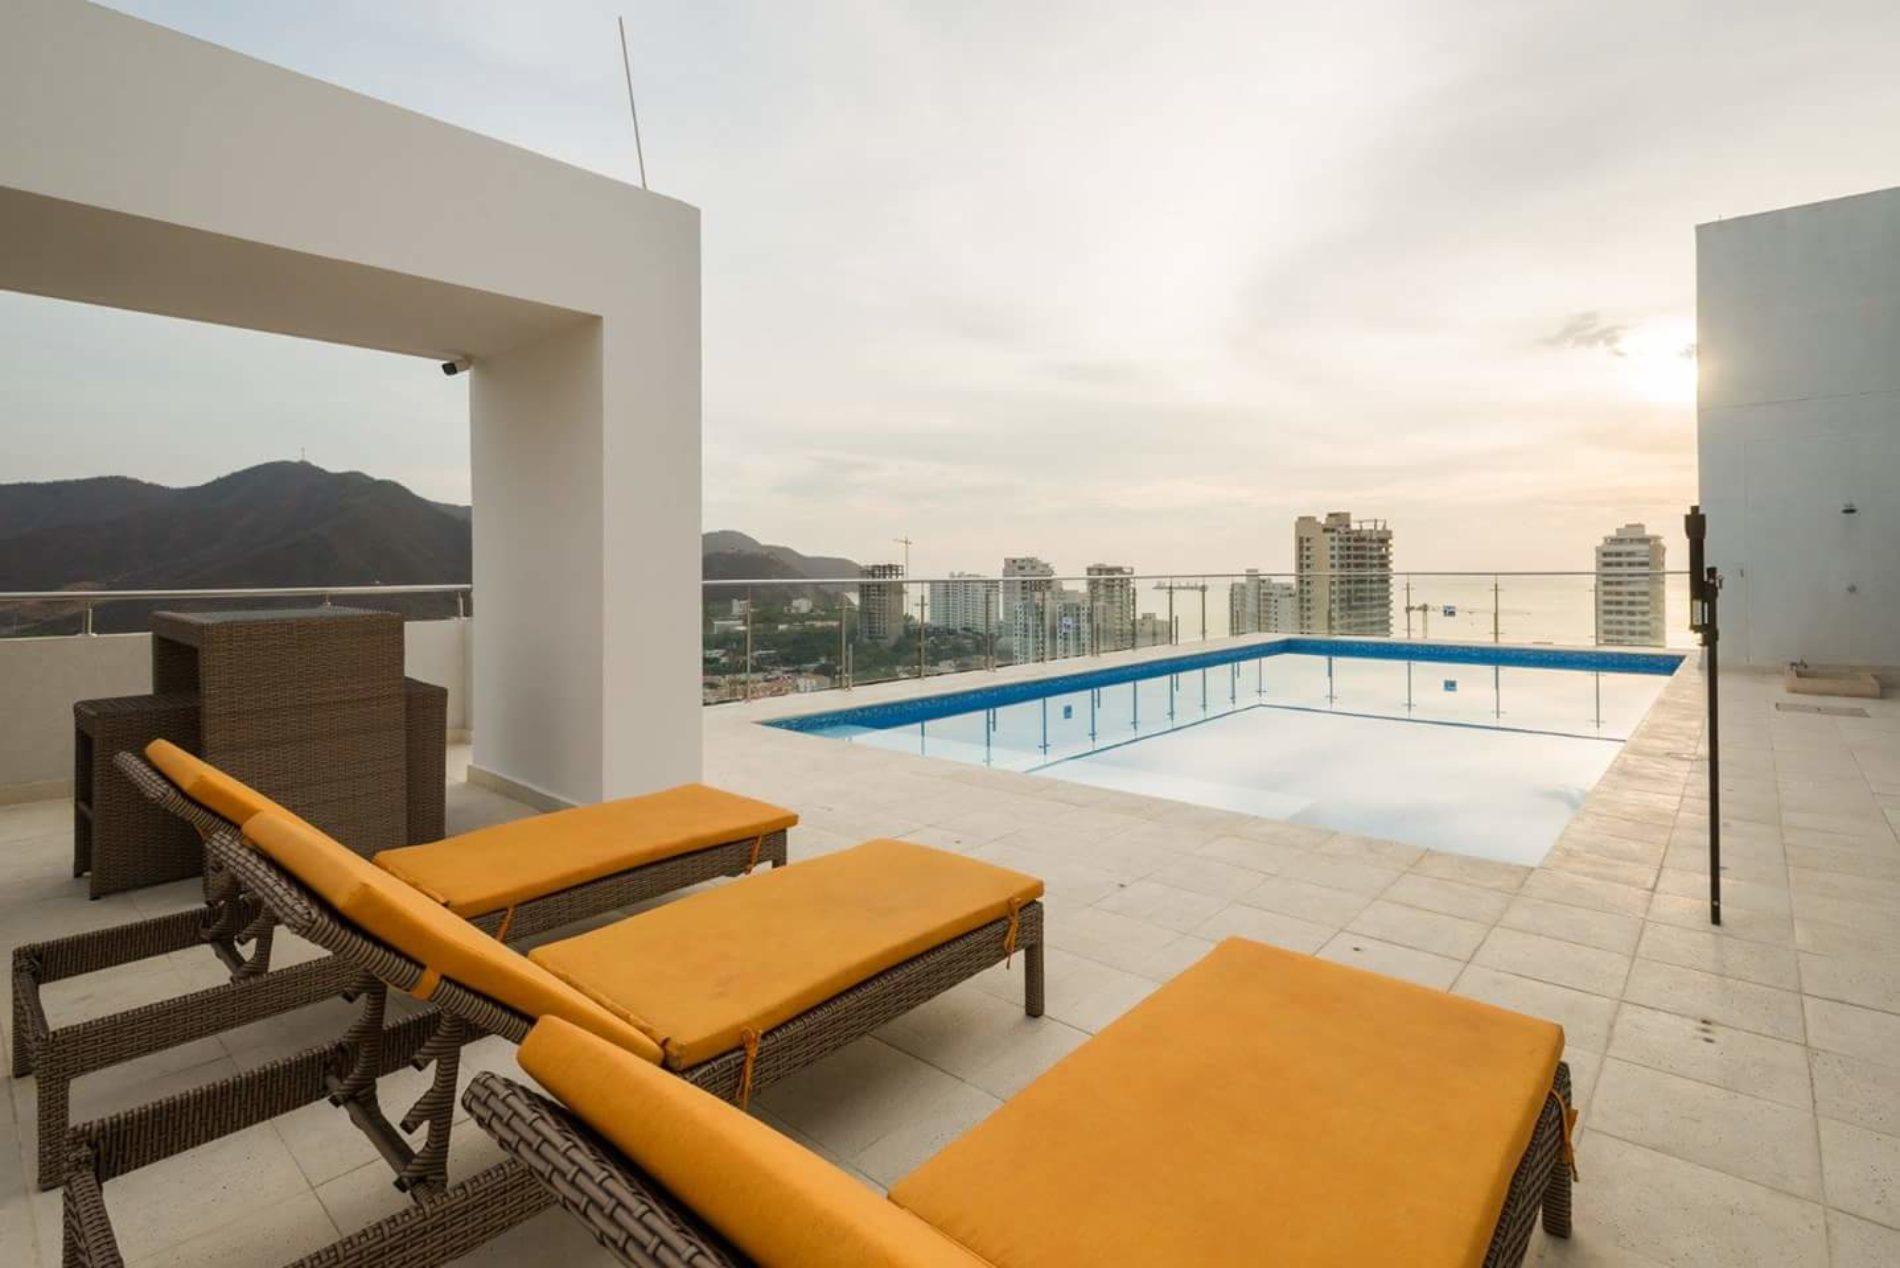 Con BEST WESTERN PLUS HOTEL celebra el cumpleaños de Santa Marta y La Fiesta del Mar